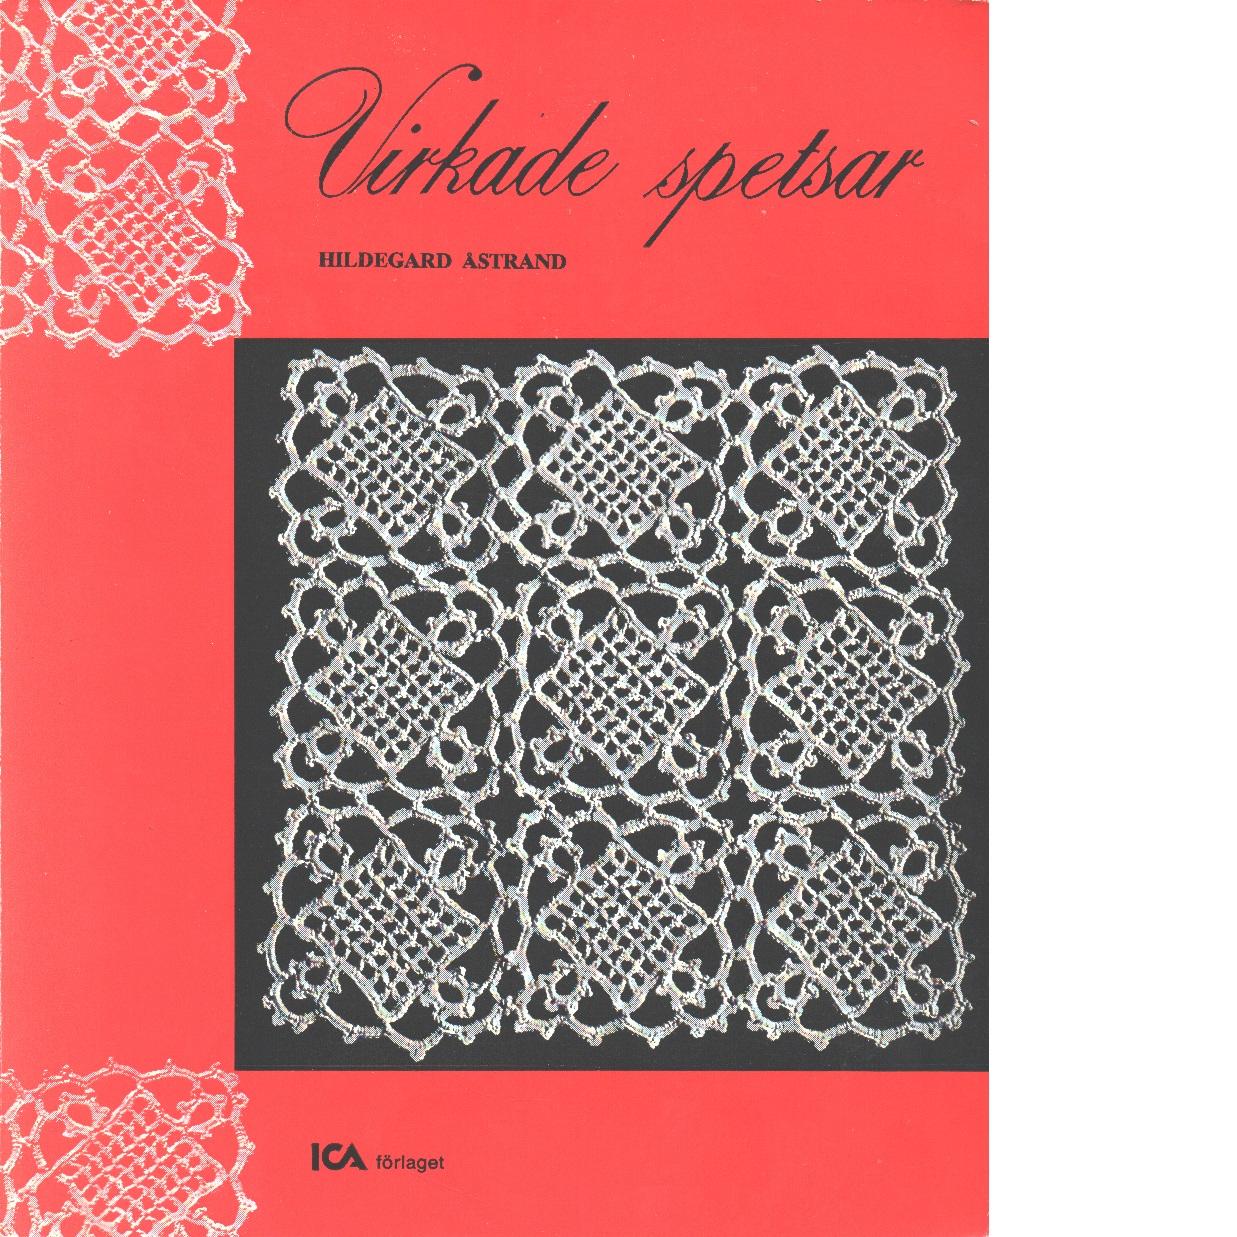 Virkade spetsar - Åstrand, Hildegard